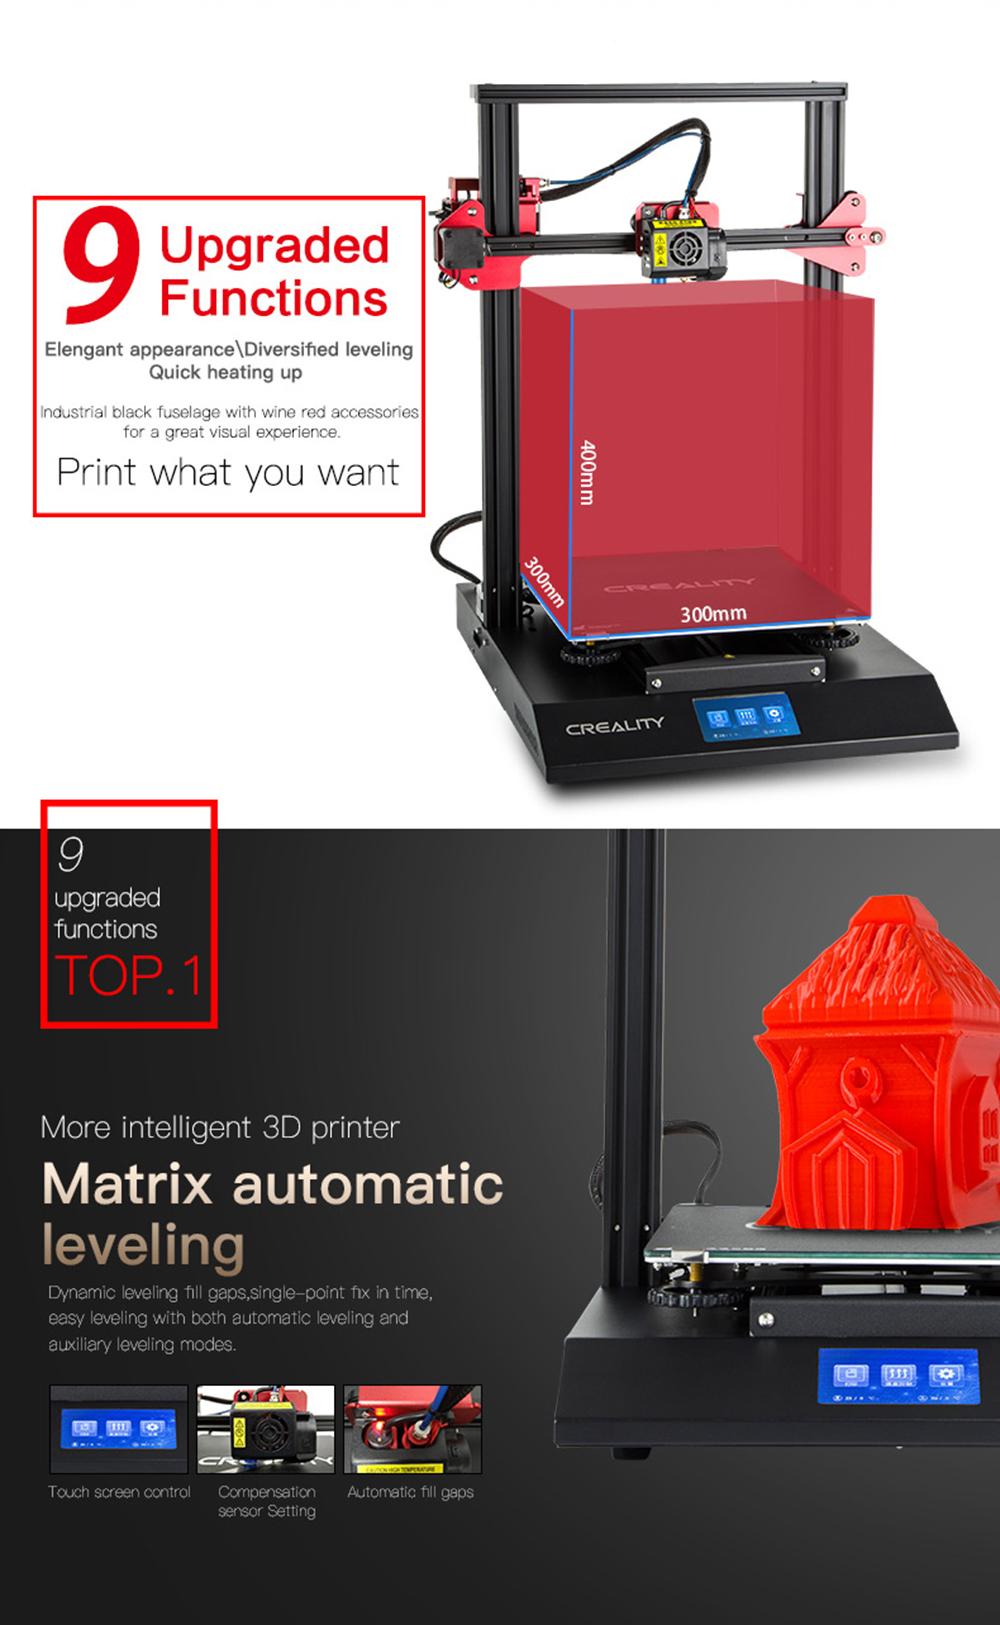 Creality3D CR-10S Pro 3D-Drucker Bausatz - 300x300x400mm - 9 verbesserte Funktionen - Automatisches Nivellieren